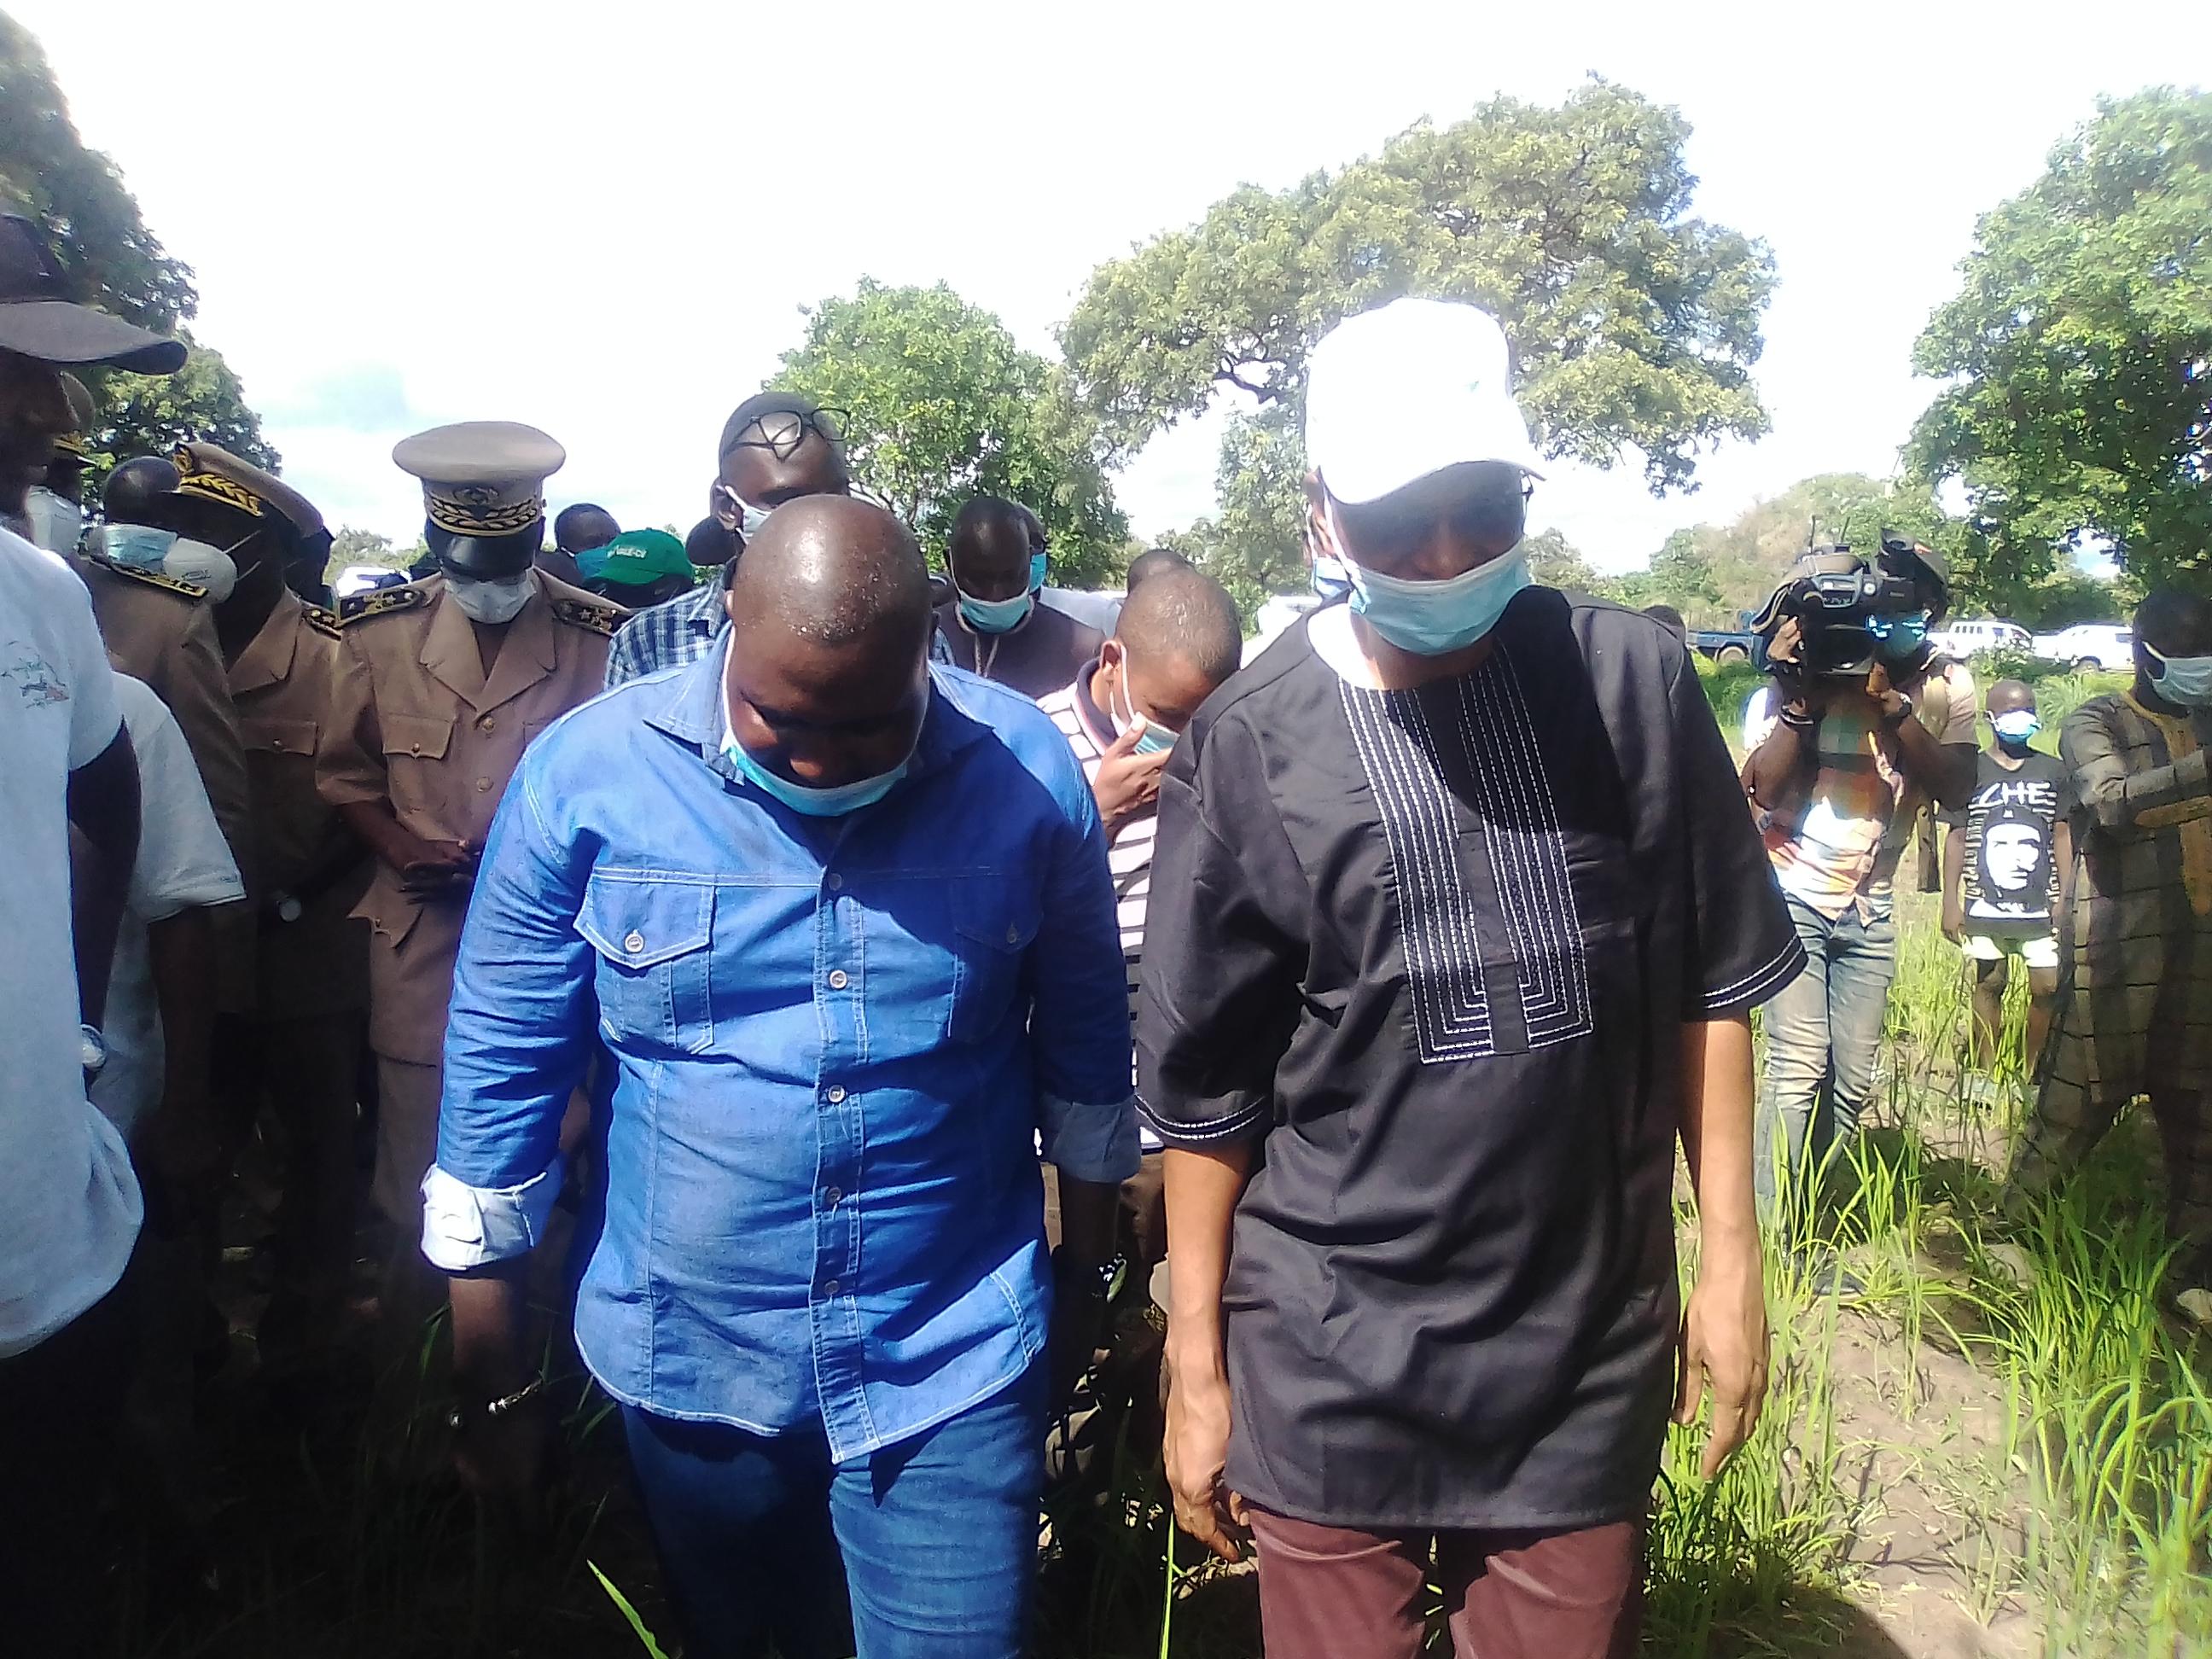 Tamba / Tournée de suivi agricole du MAER : « Notre défi c'est de mobiliser la jeunesse sénégalaise autour de l'agriculture... Les meilleures vacances sont celles de l'agriculture » (Pr. Moussa Baldé)